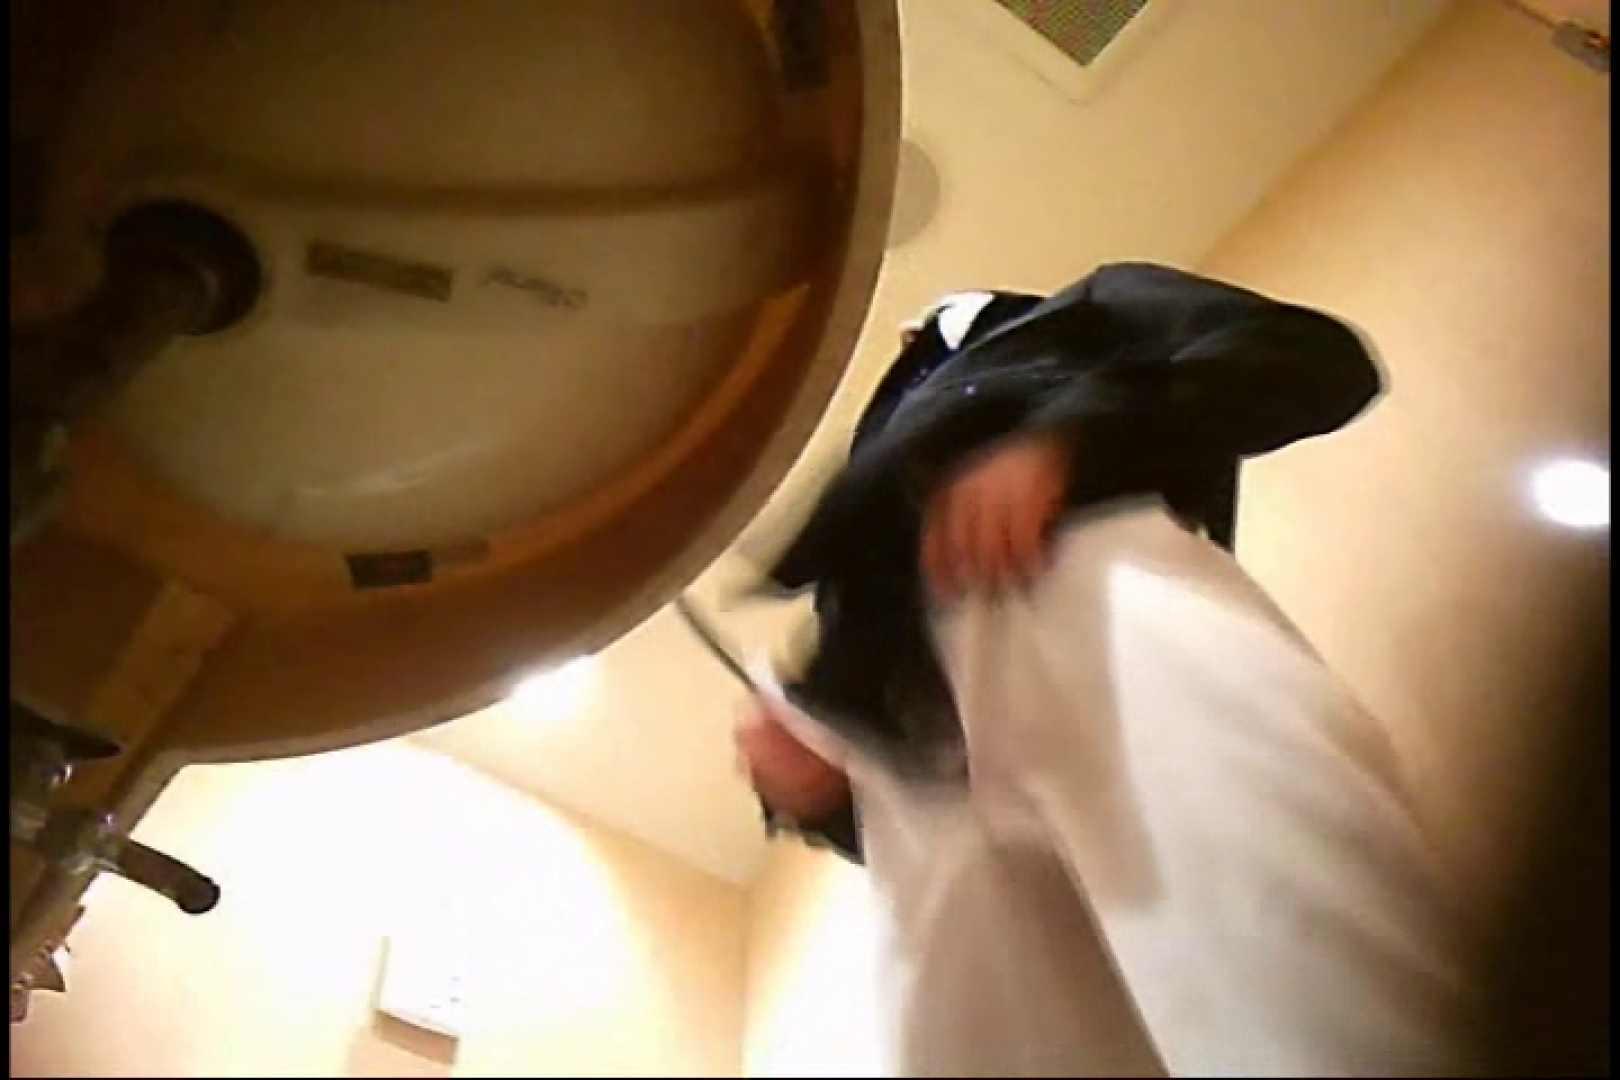 Gボーイ初投稿!掴み取りさんの洗面所覗き!in新幹線!VOL.03 ボーイズ私服   サル系ボーイズ  50pic 29